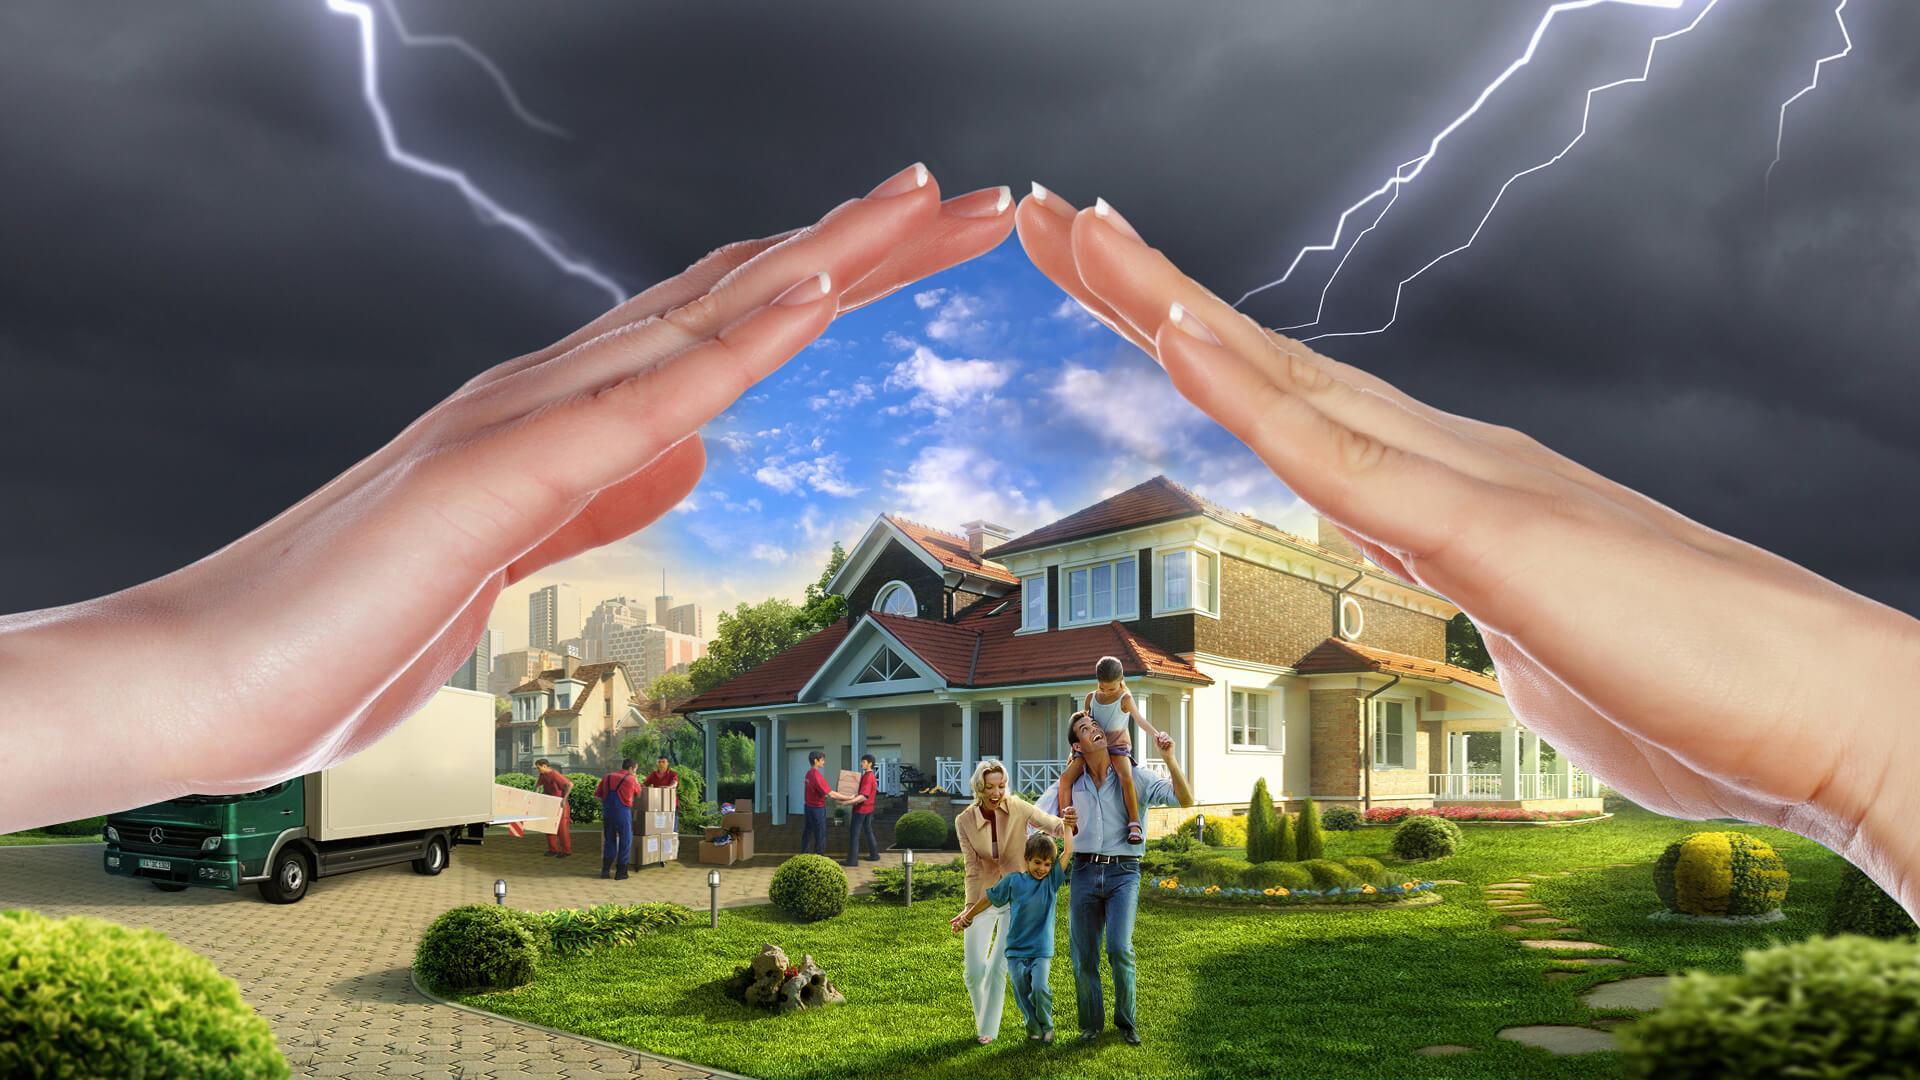 картинки как защитить дом развитие